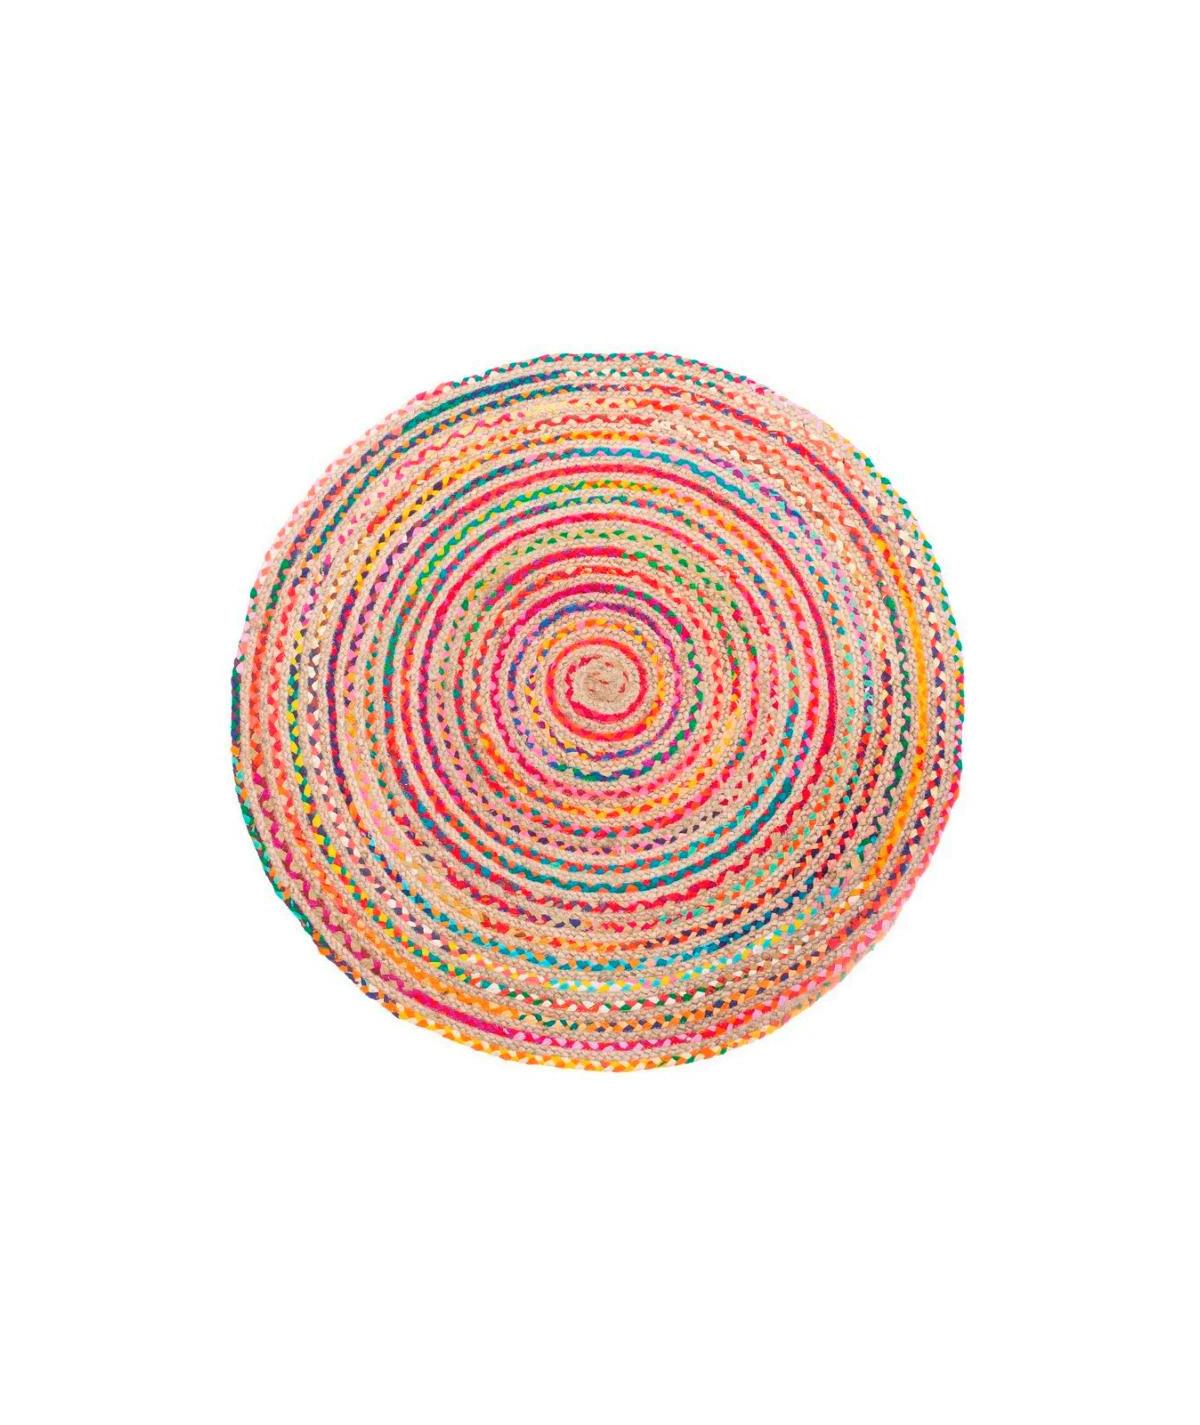 Tapis jute rond multicolore Diam120cm - Rosace |YESDEKO